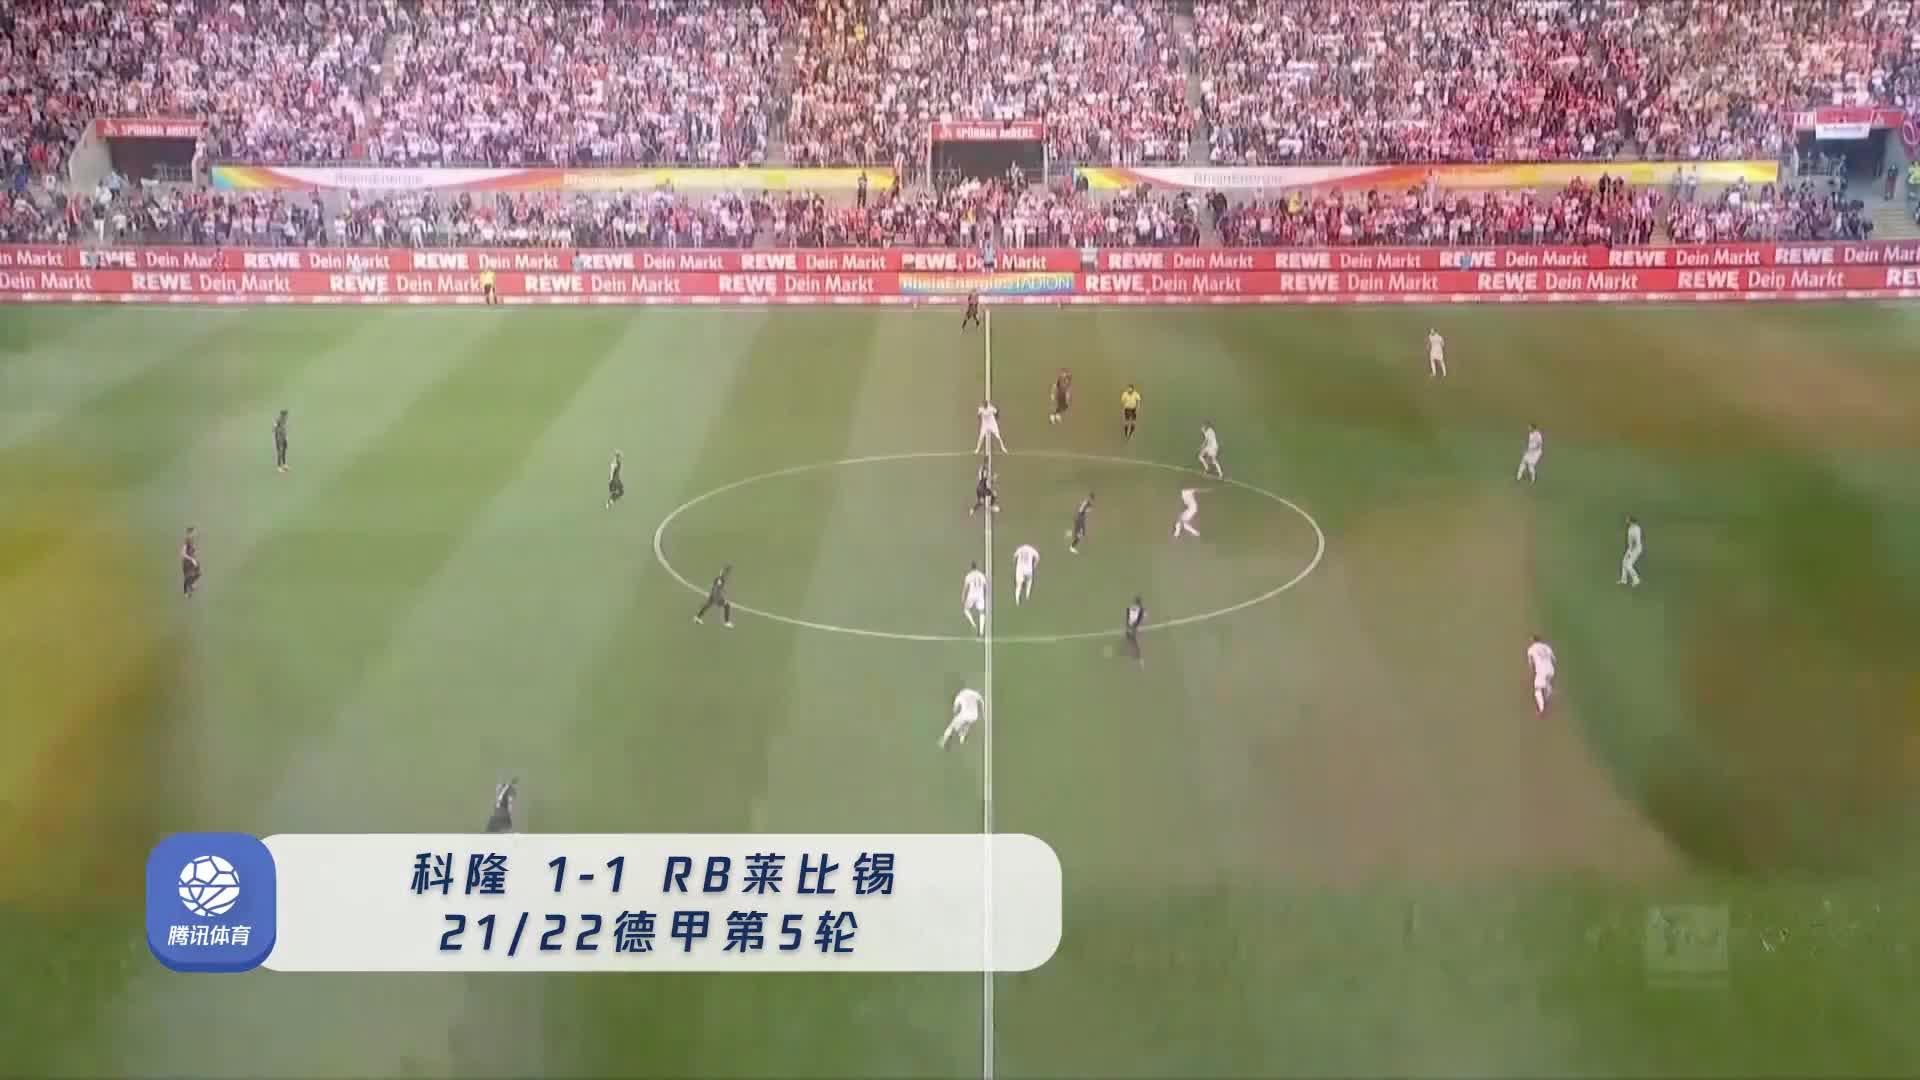 【集锦】德甲-莫德斯特破门 科隆1-1RB莱比锡